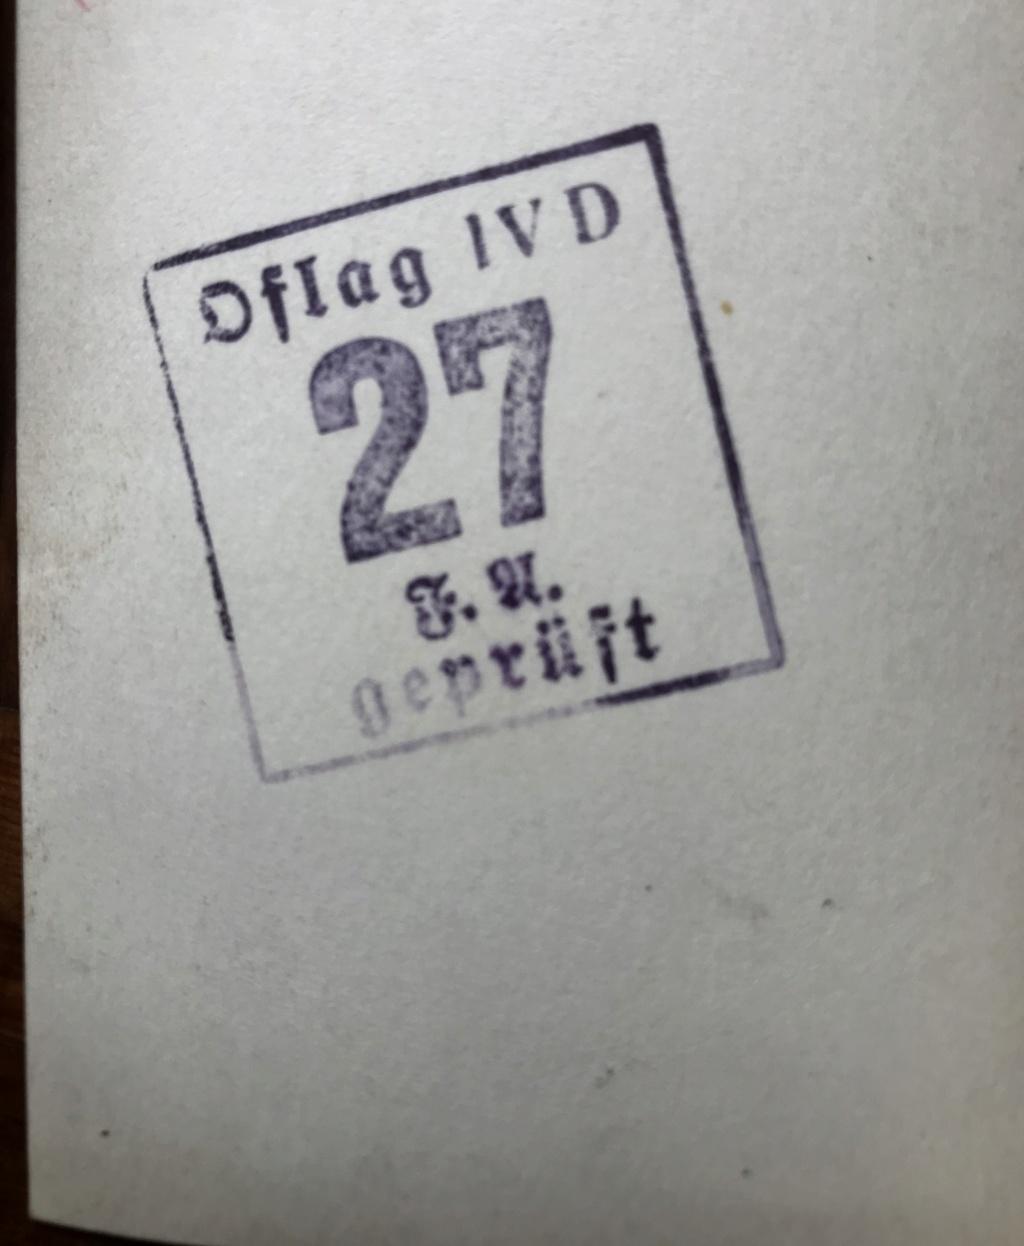 Des papiers indo et ww2 : photo oflag, carte Colmar et indo, journaux DDay. 9c589a10